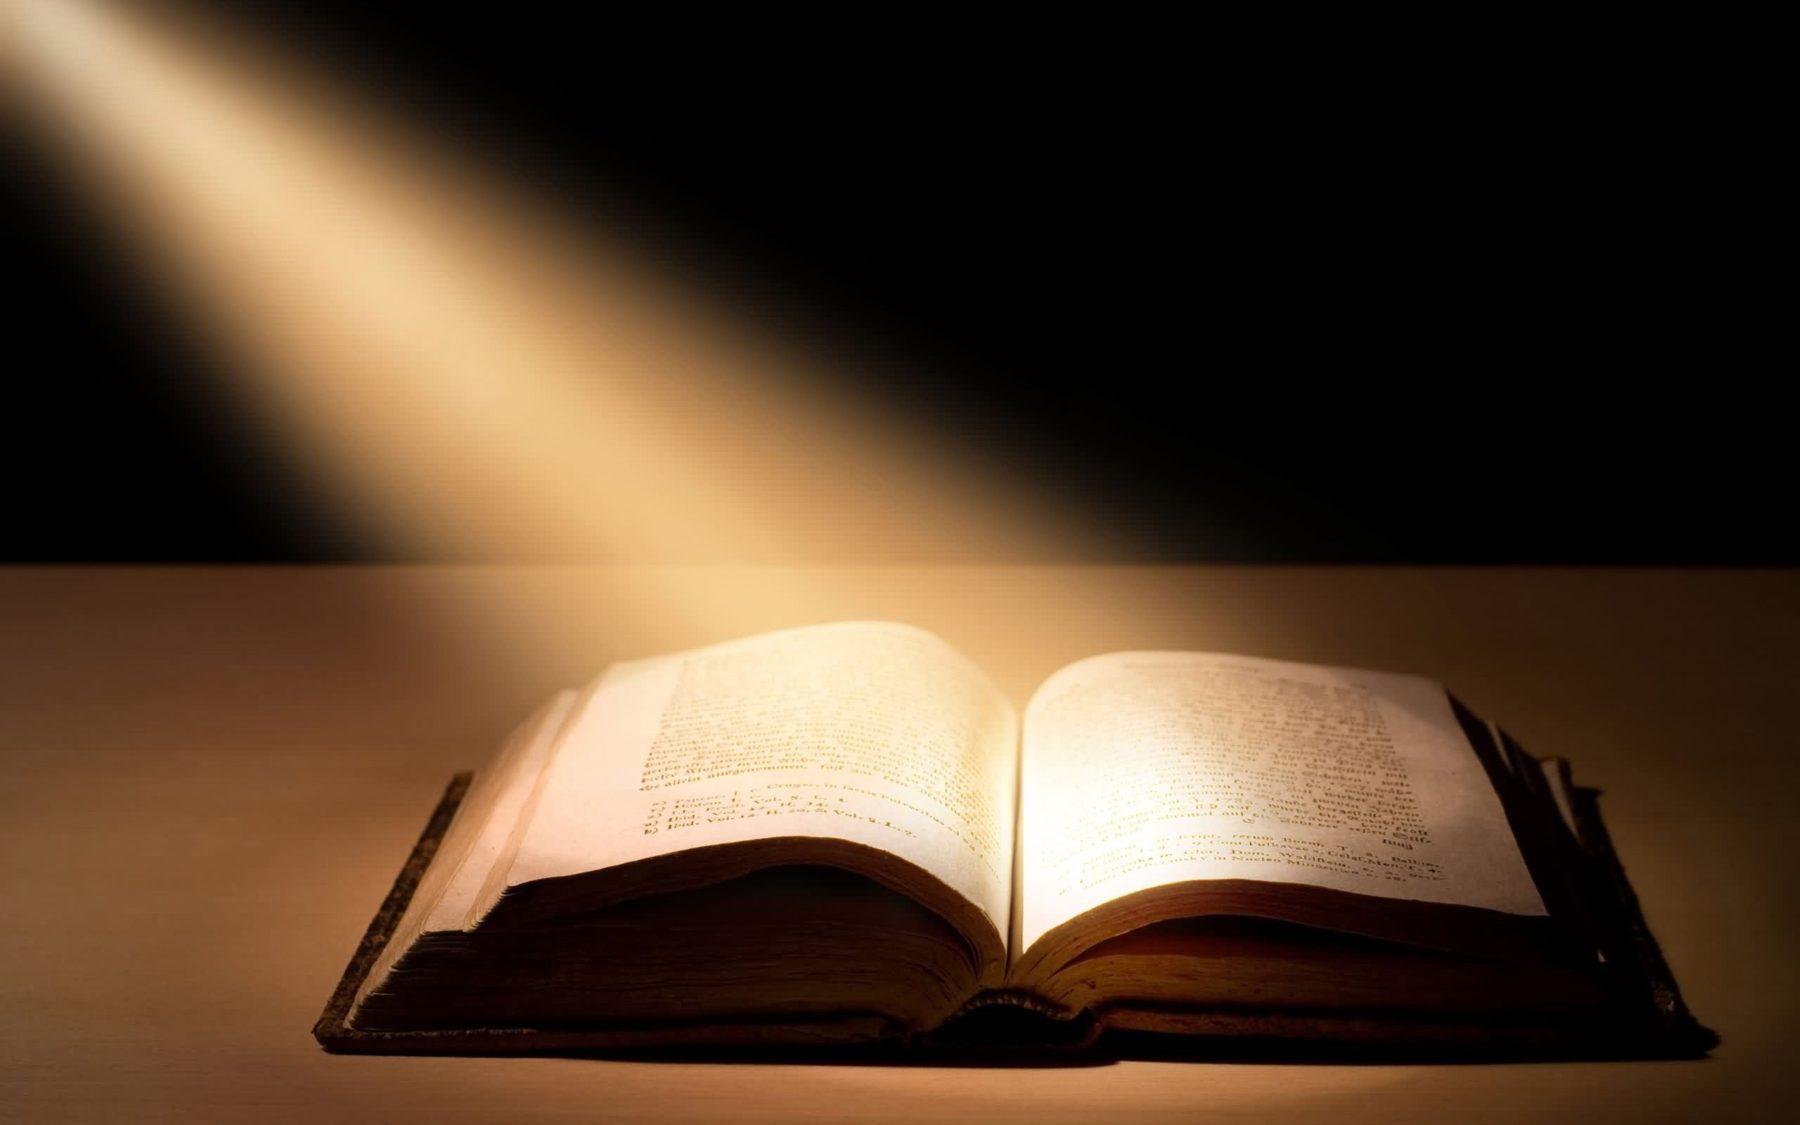 kniga-book-bibliya-svet-luchi